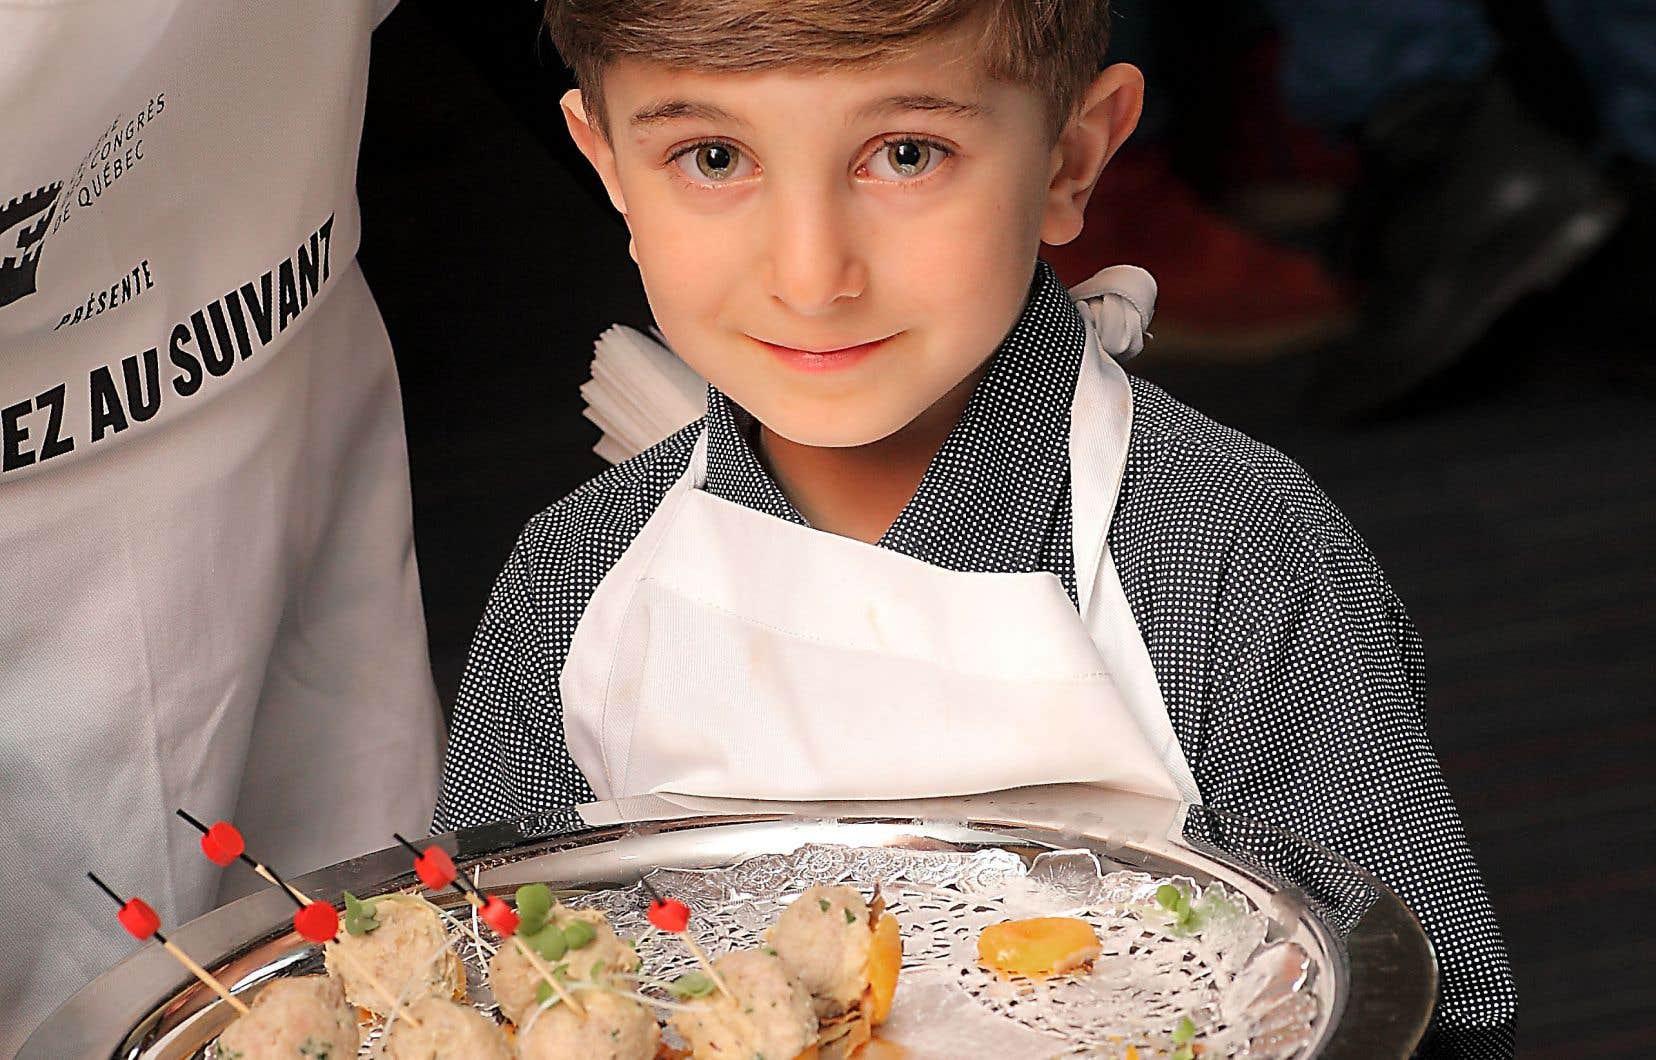 Avec Les Jeunes Gourmands, les enfants de moins de 12 ans peuvent s'initier à la gastronomie et aux produits locaux.